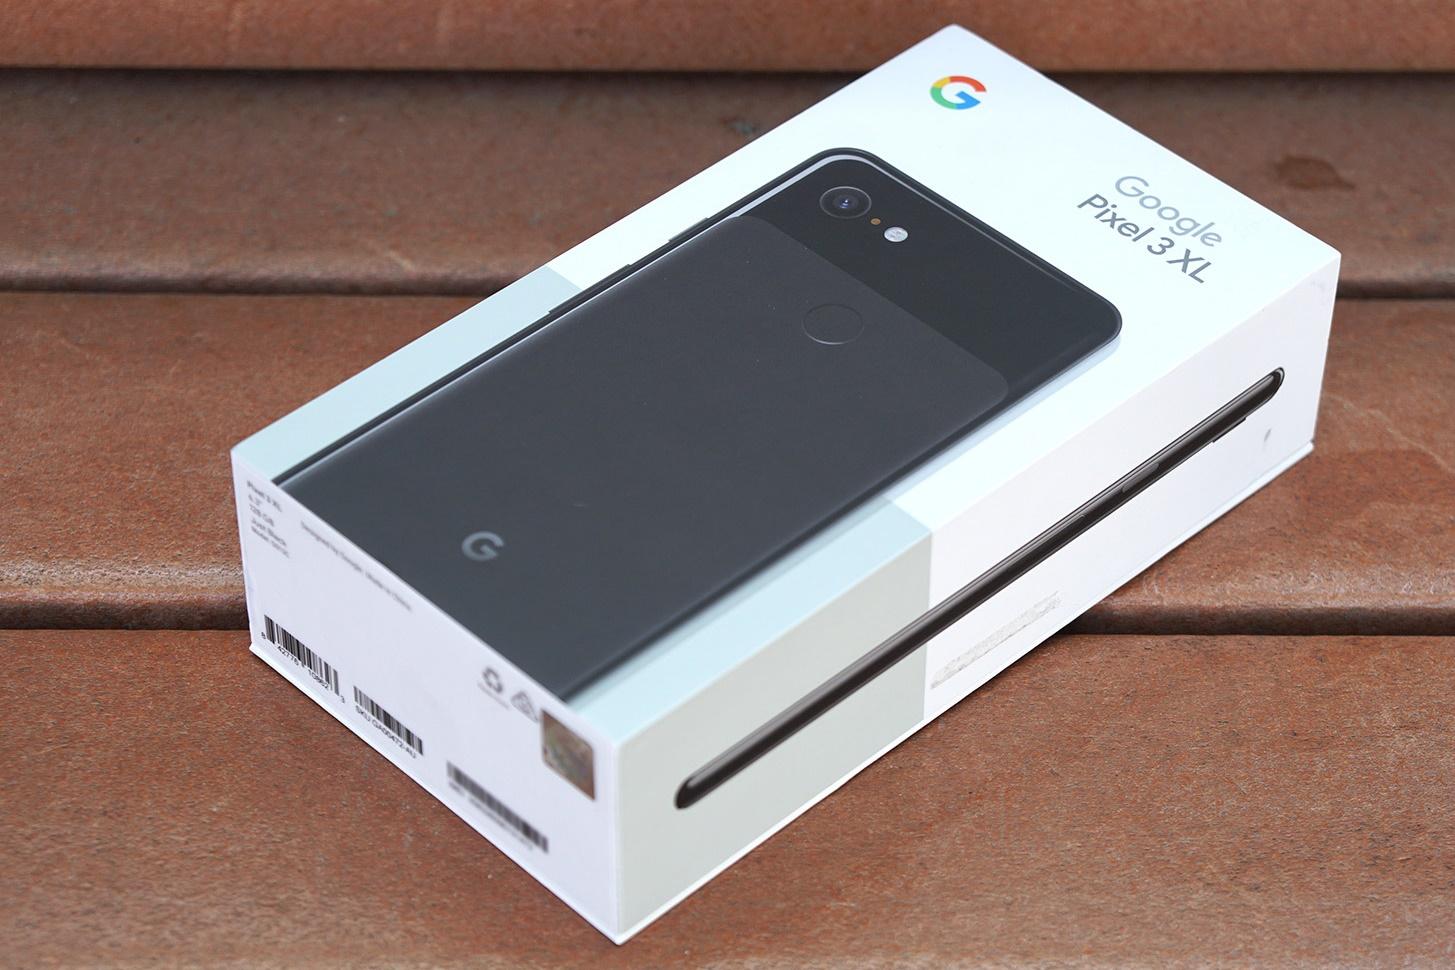 Imagem de Tudo o que a Google deve anunciar junto com os Pixel 3 amanhã (09/10) no tecmundo